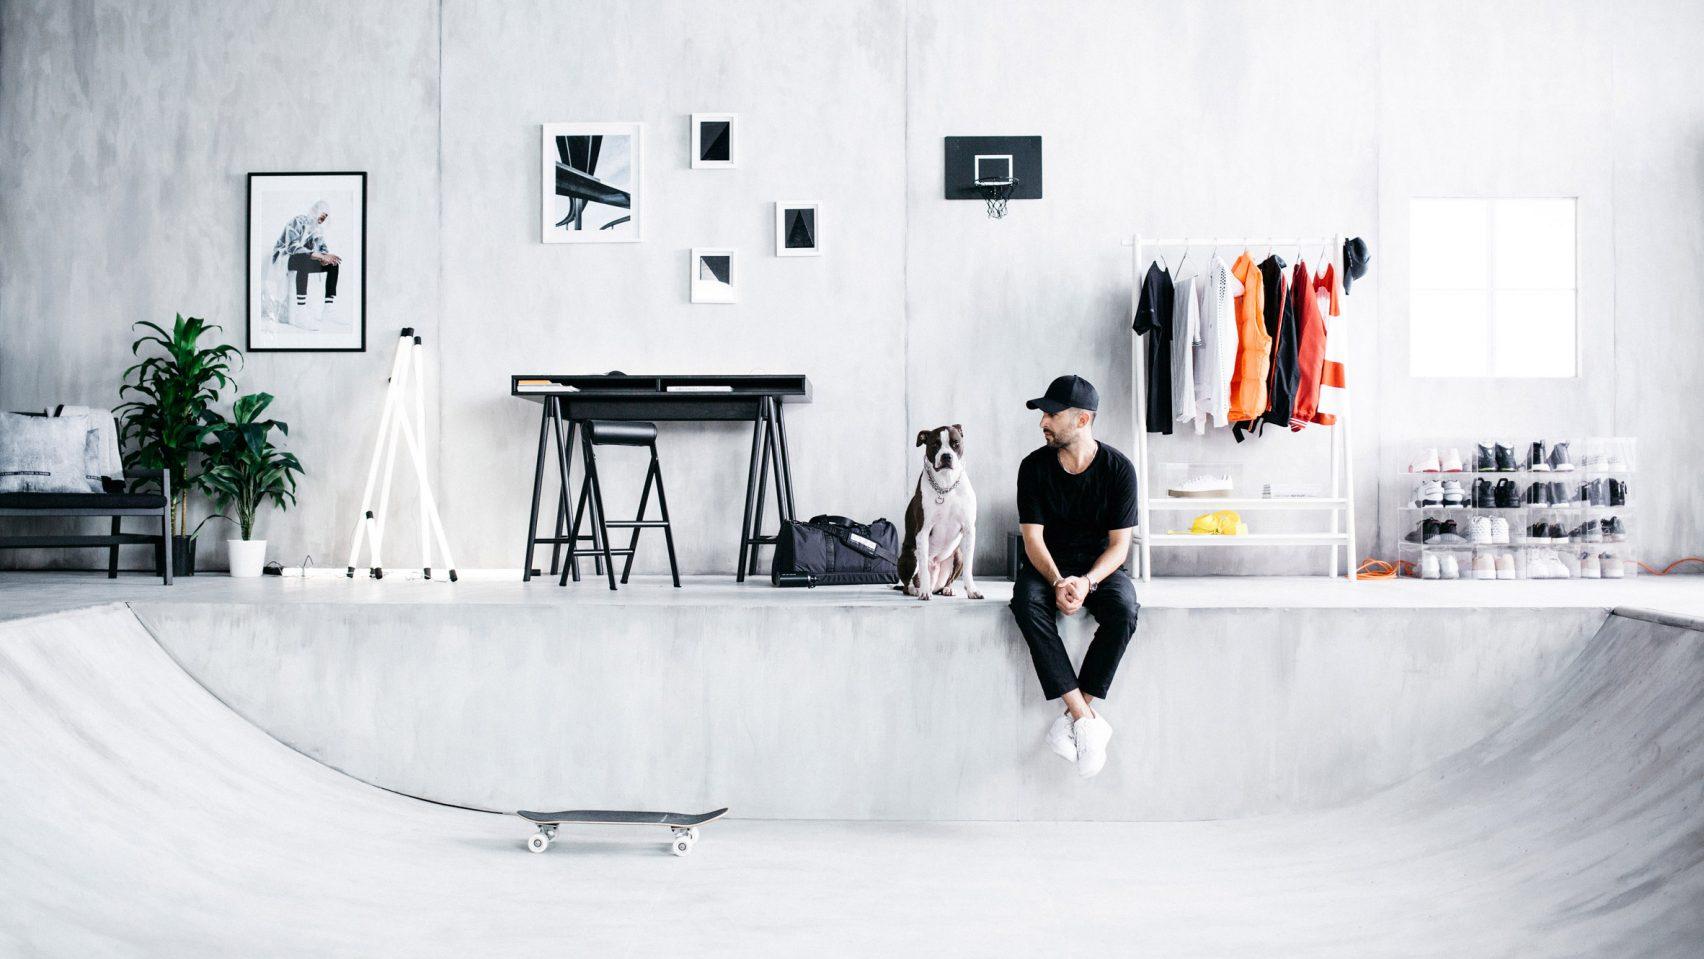 Первый скейтборд IKEA